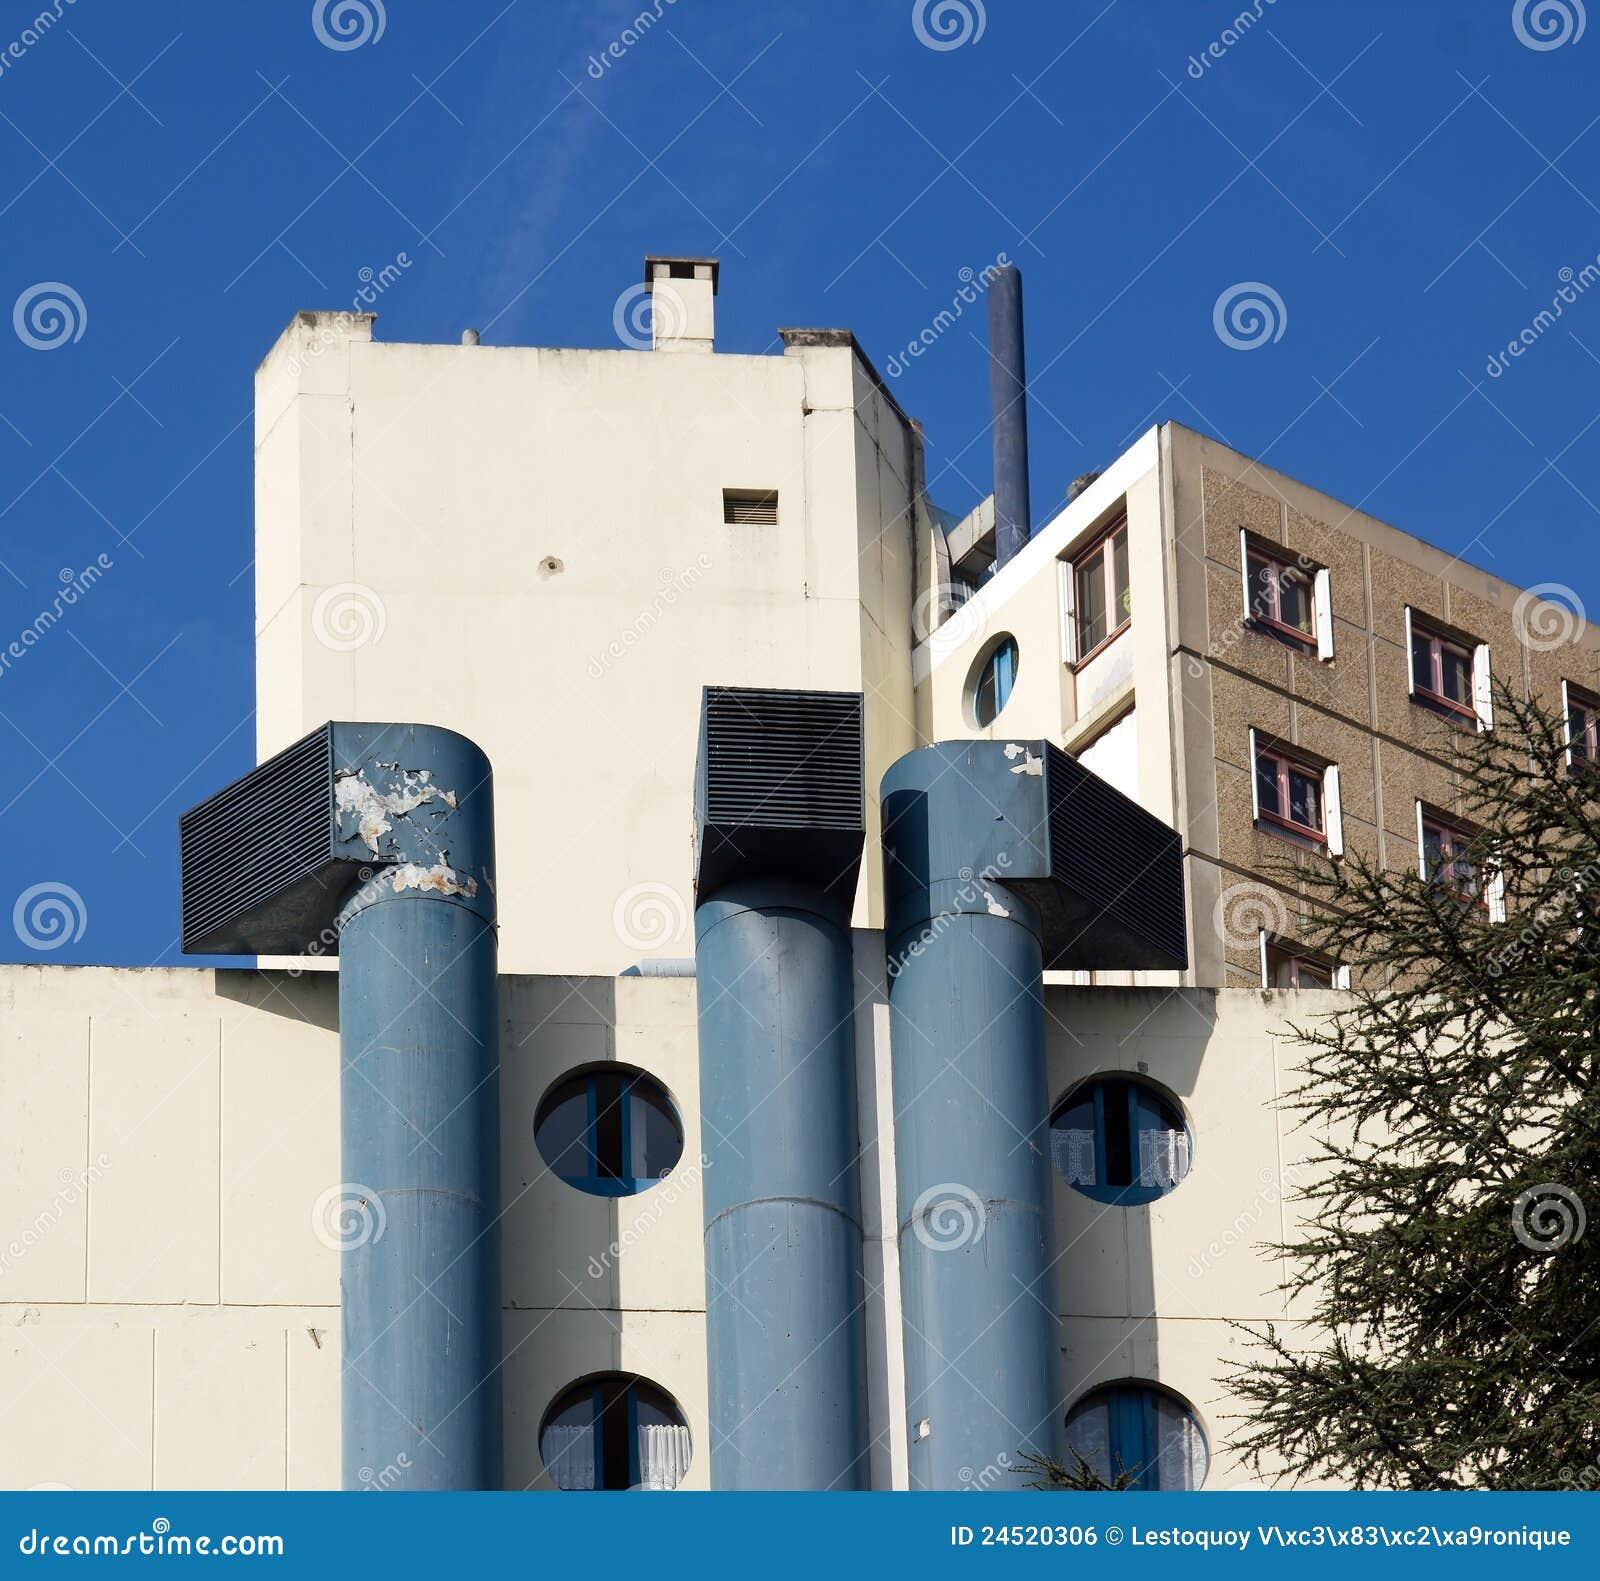 Aste cilindriche di ventilazione enormi